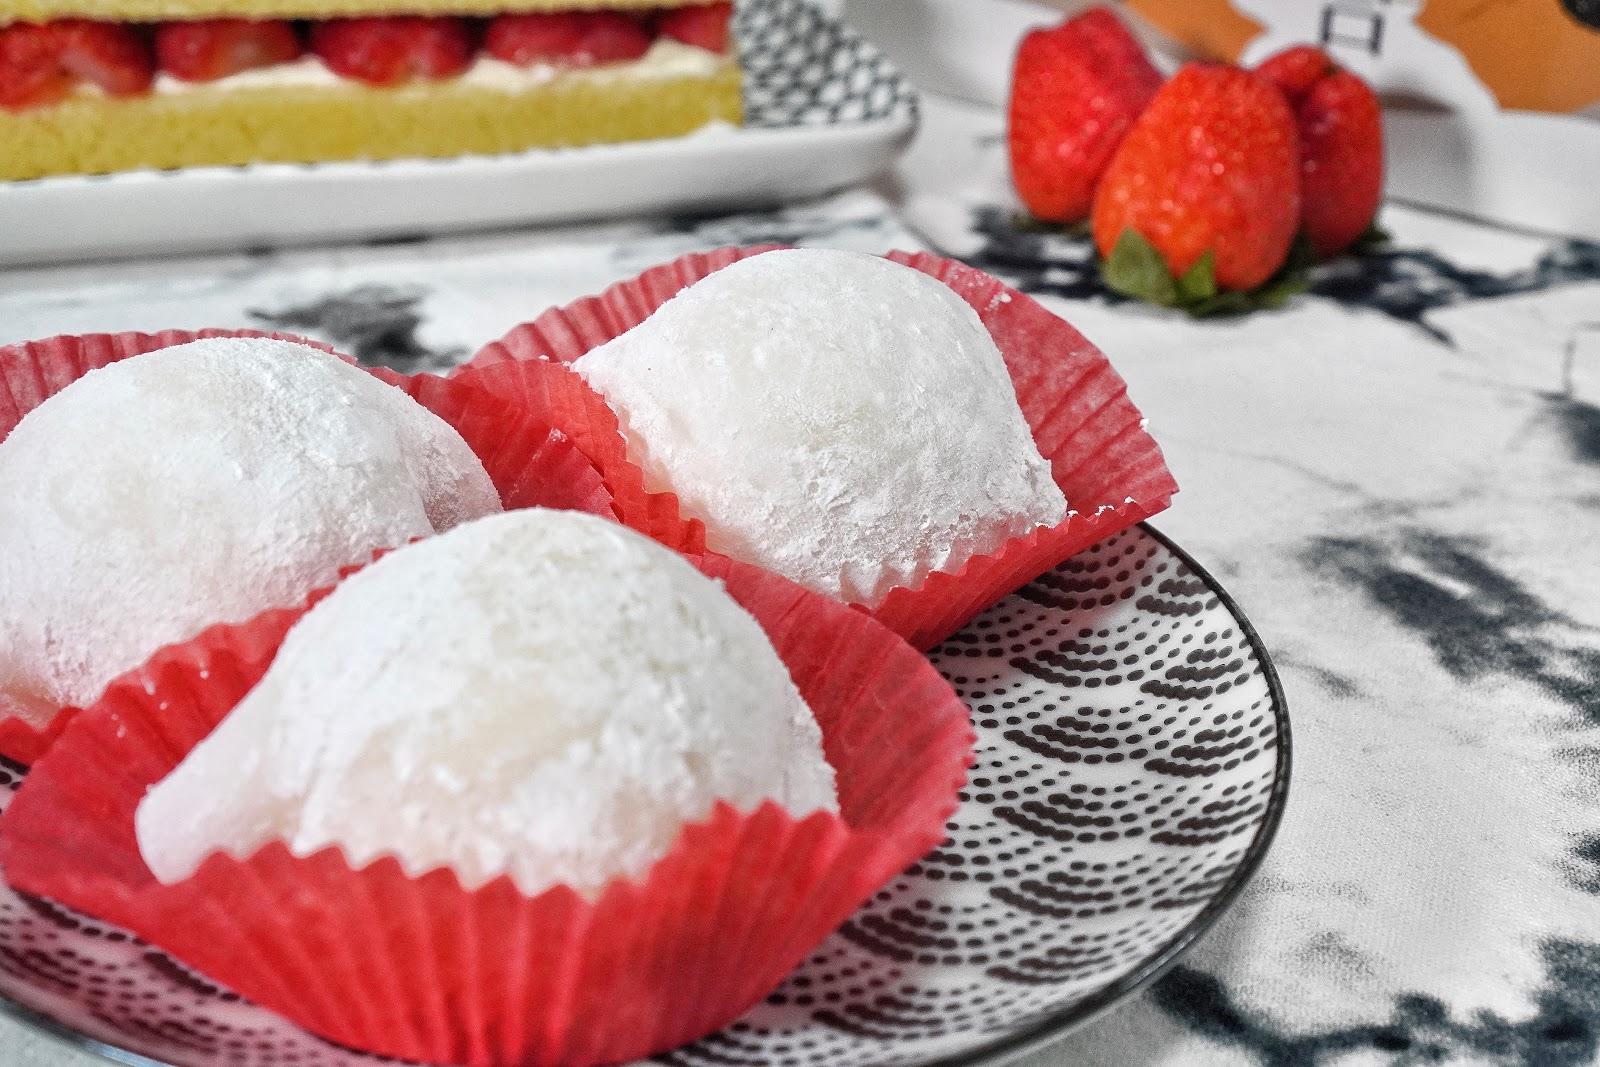 台南中西區美食【橘香合-蛋糕職人】草莓大福推薦